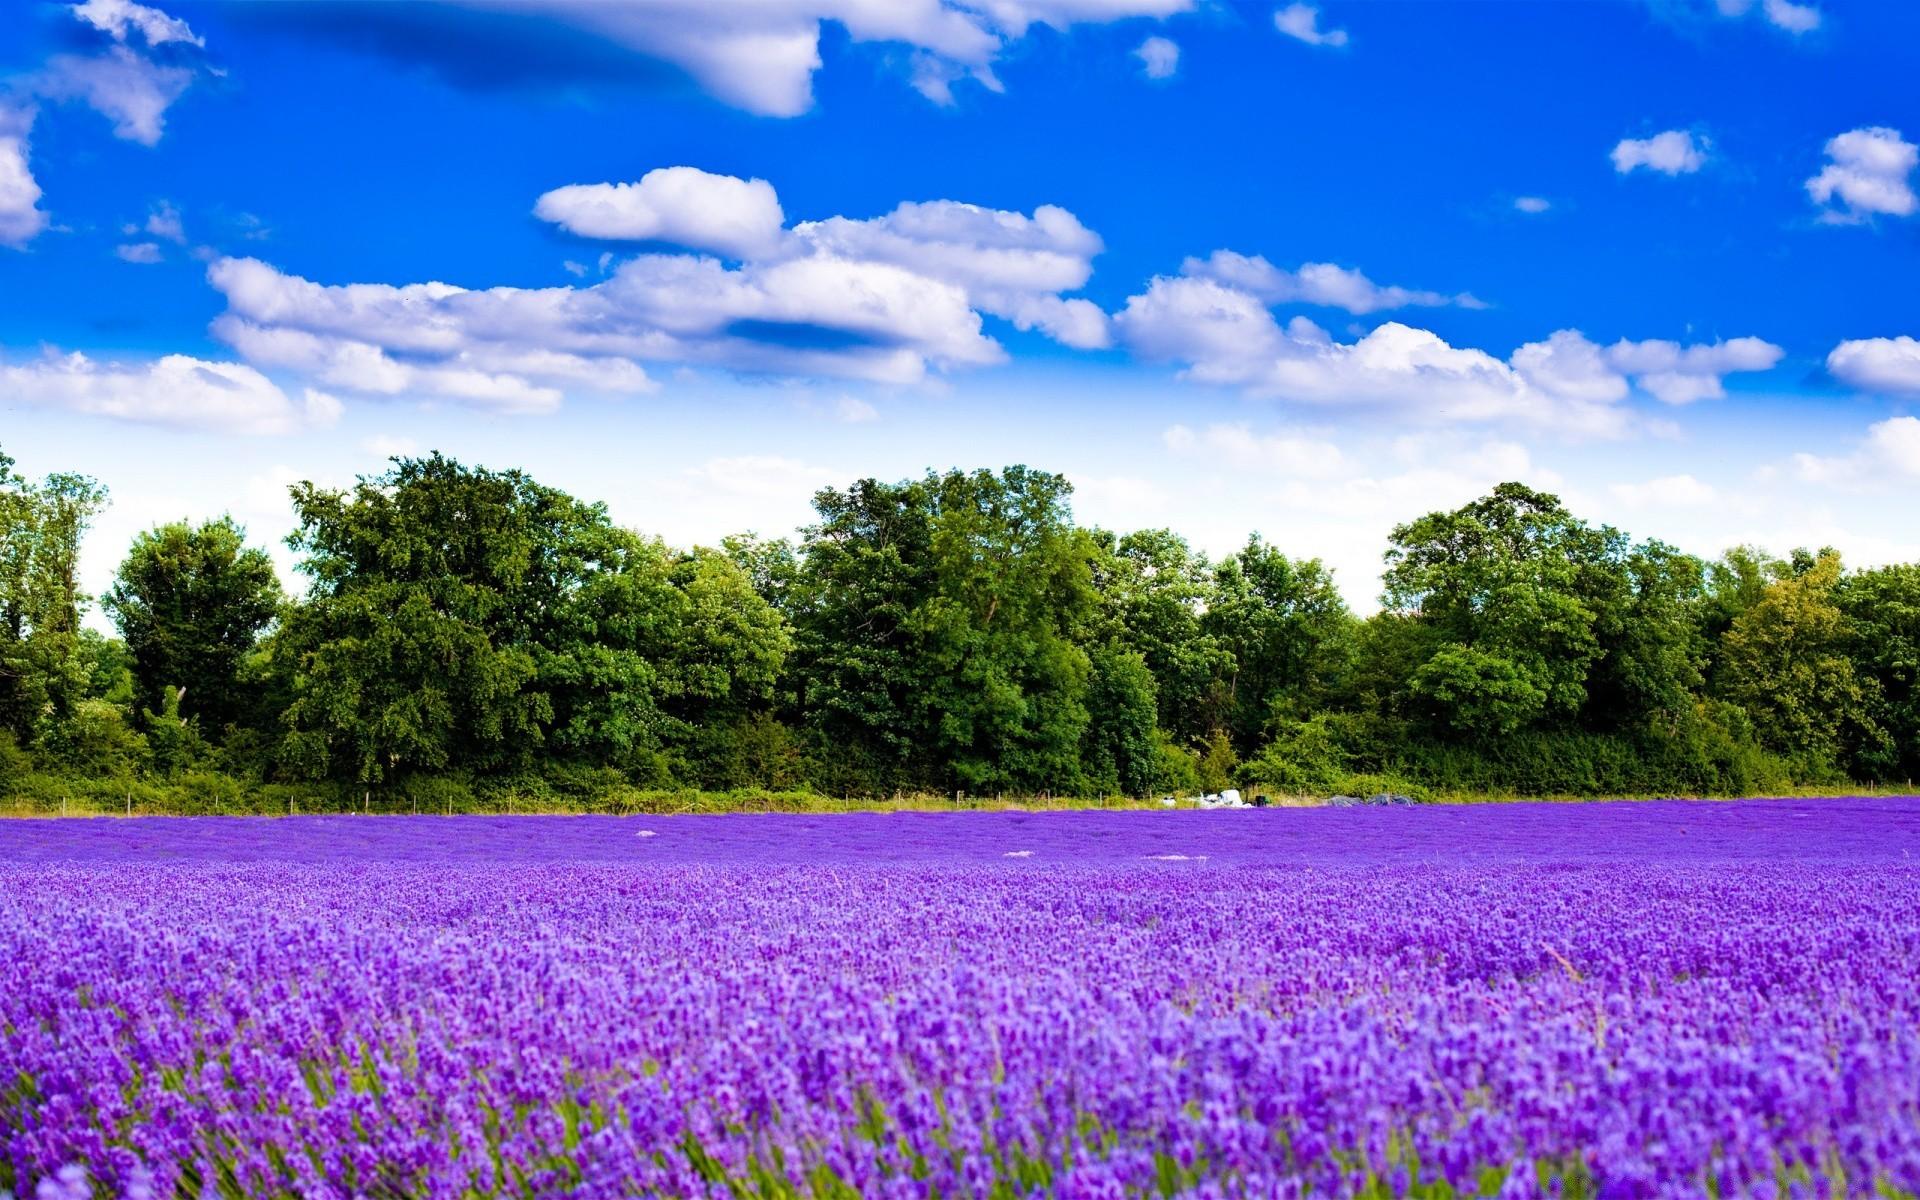 природа поле цветы облака деревья загрузить